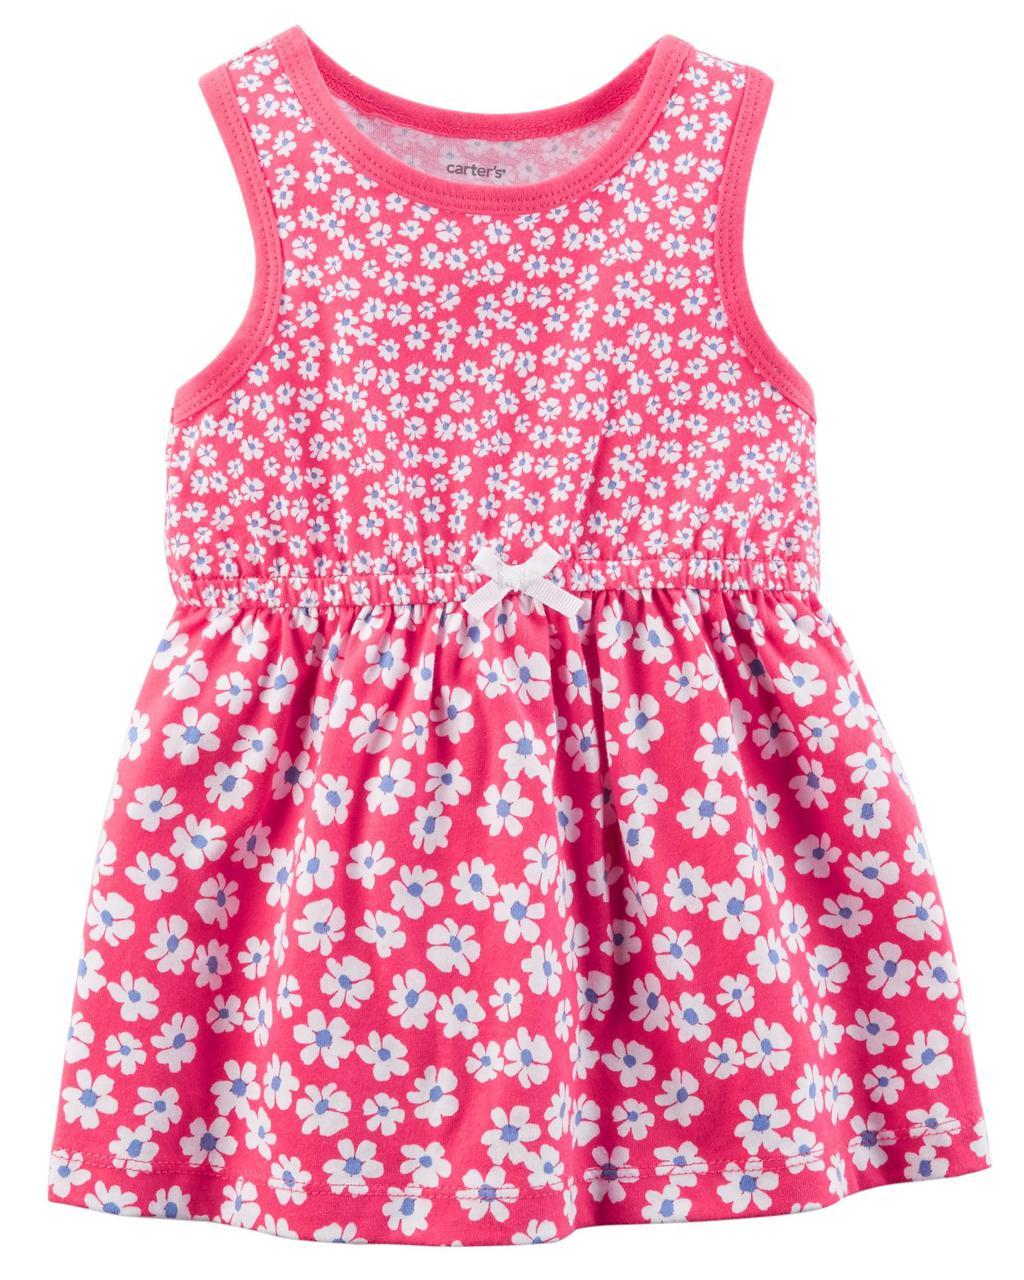 Летнее платье + трусики Carters для девочки 24 мес (2 года) 83-86 см. Комплект 2-ка